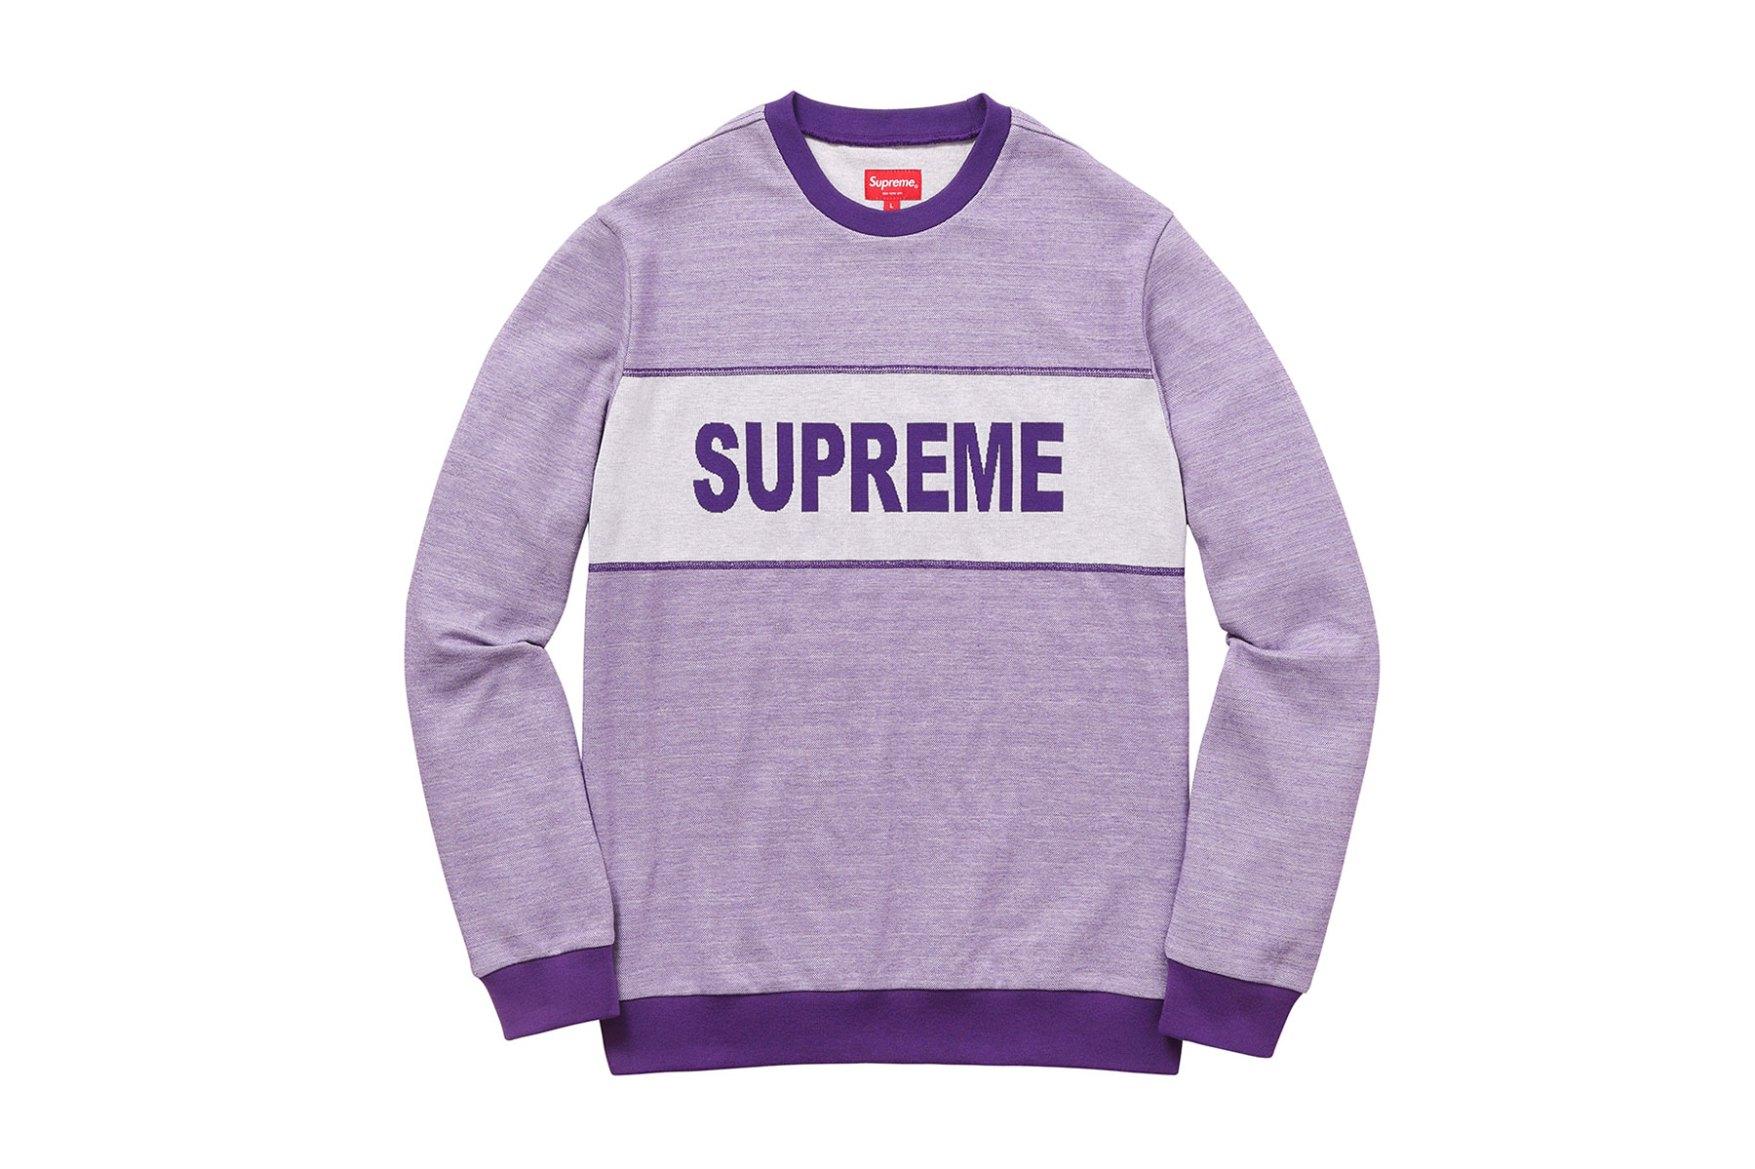 supreme-2017-spring-summer-tops-23.jpg